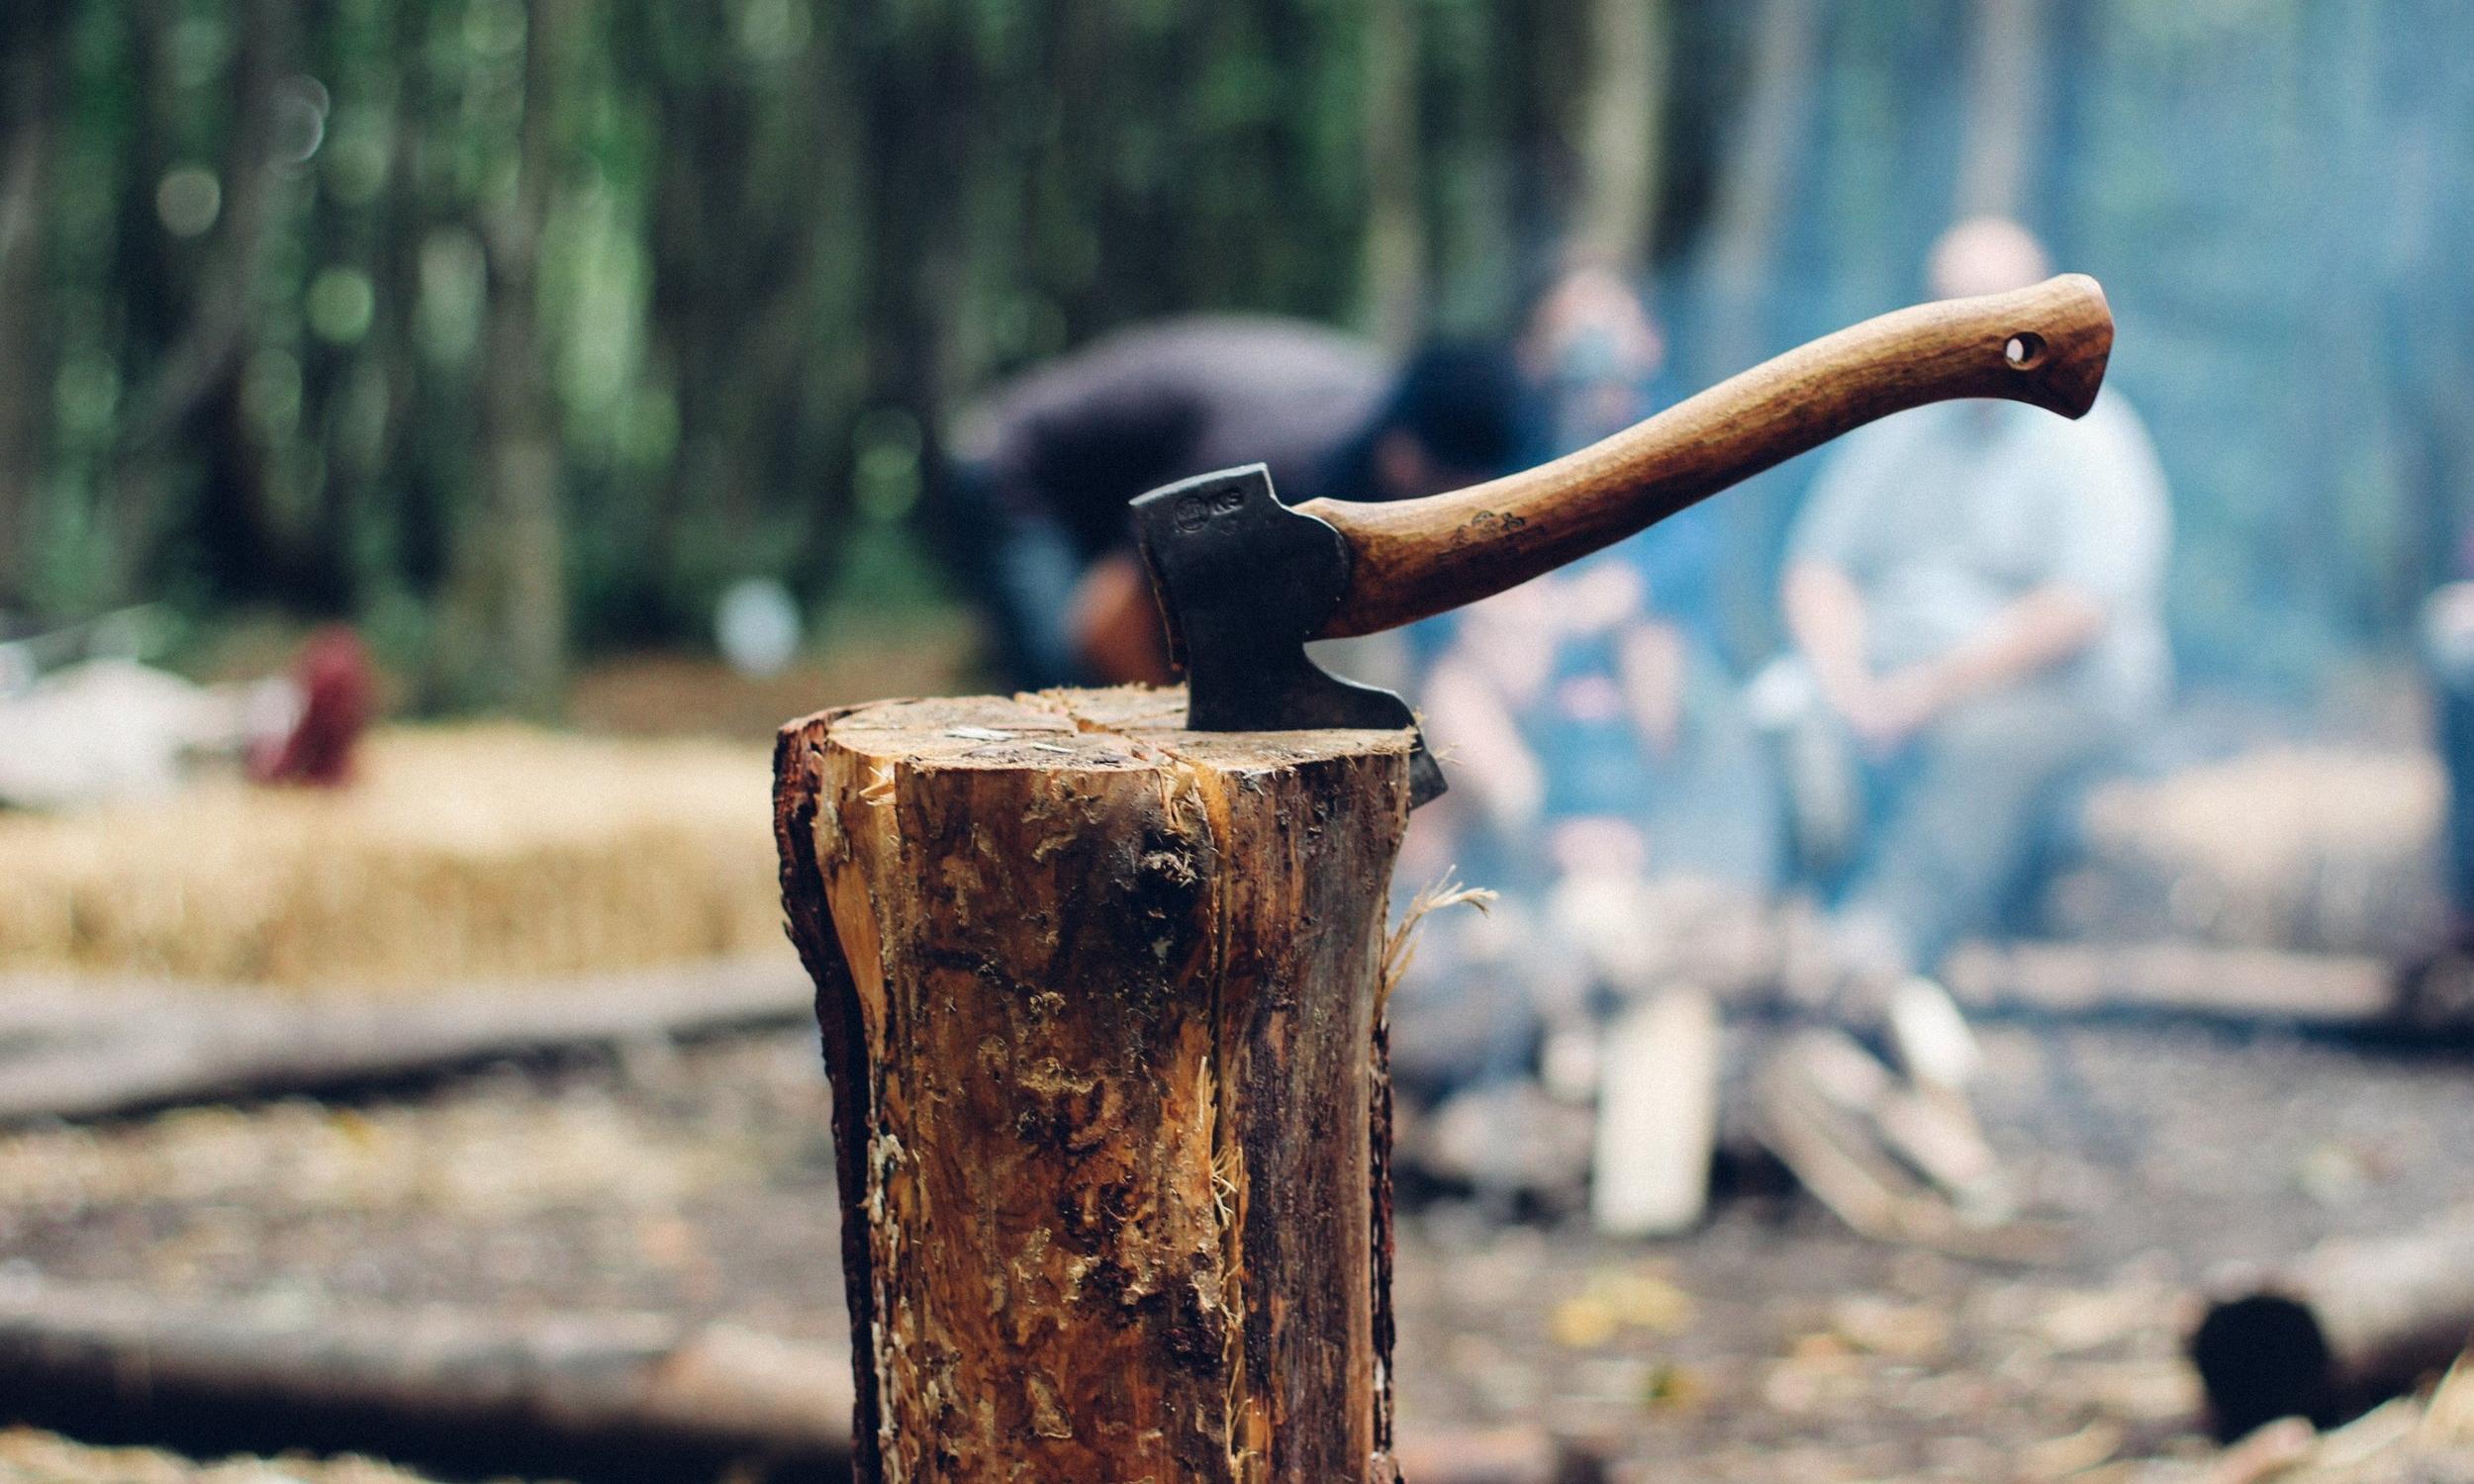 An axe stuck in a log